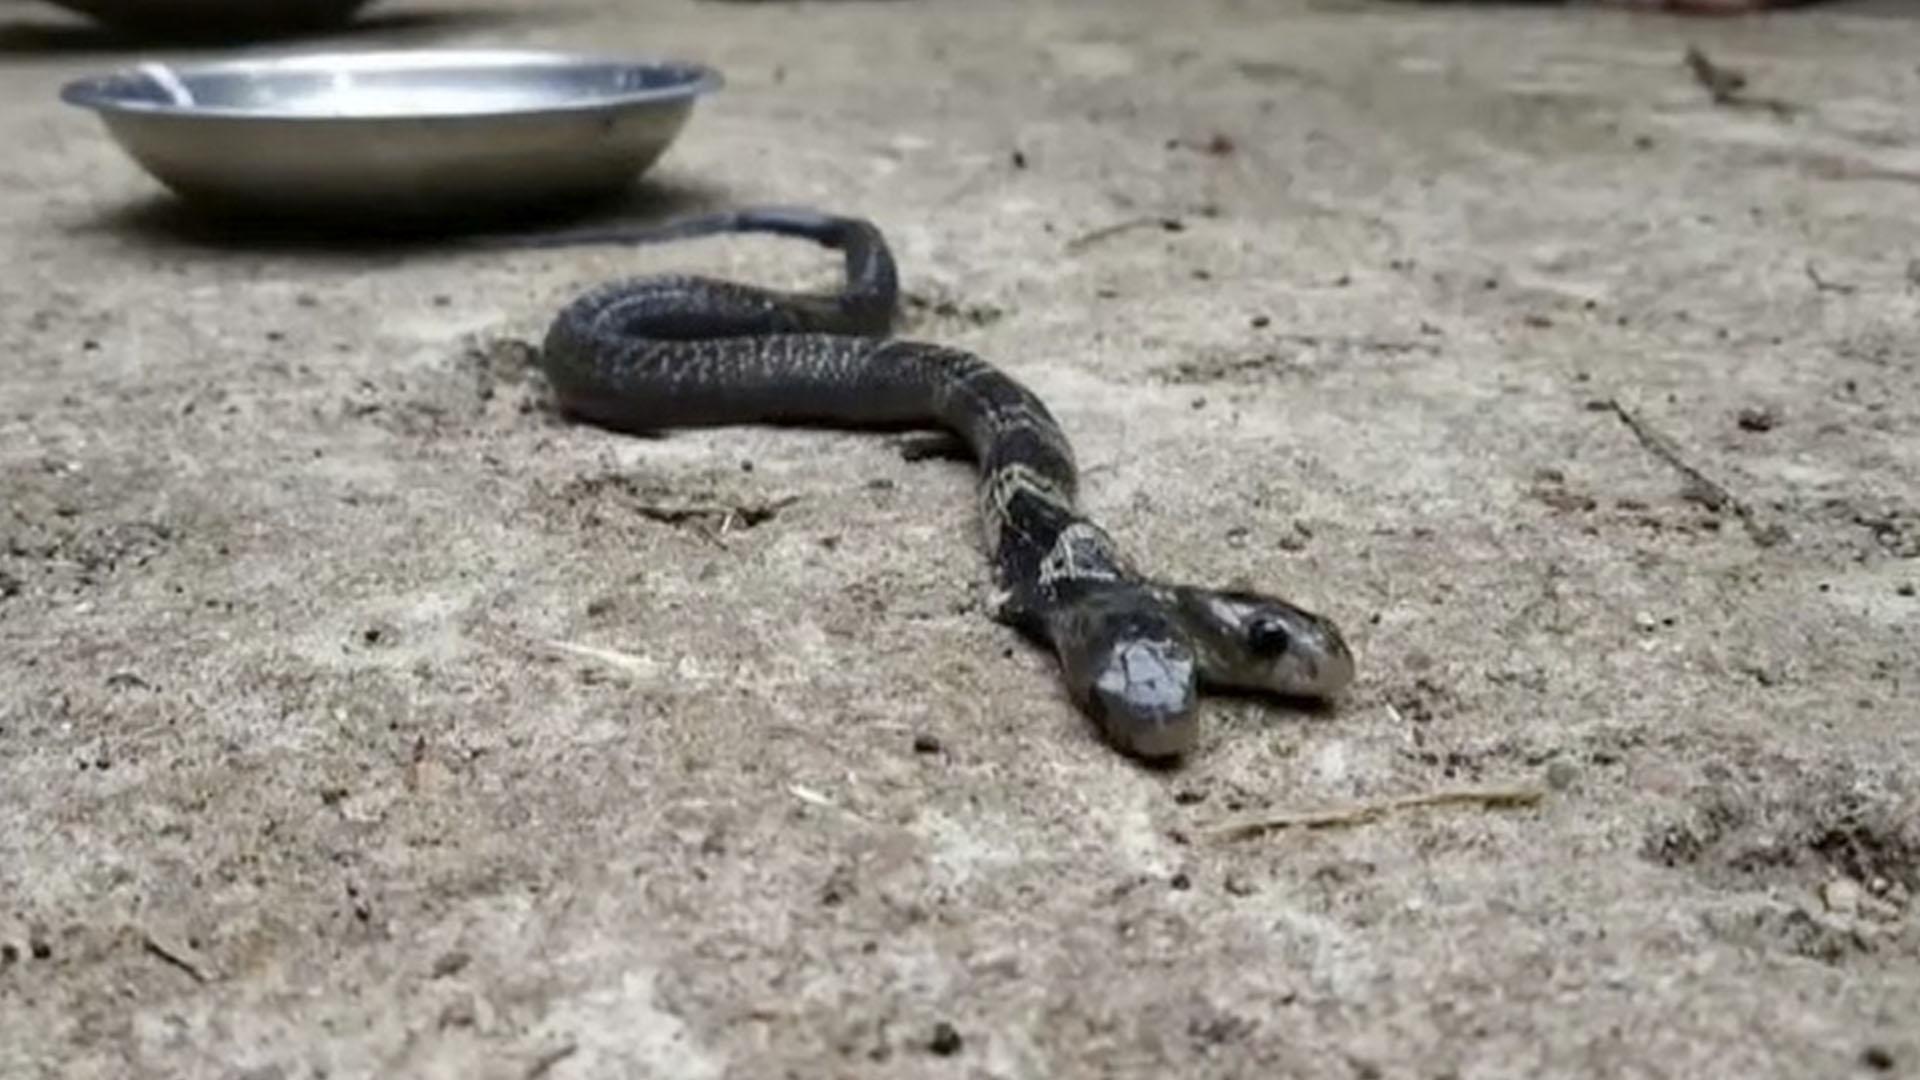 La serpiente de dos cabezas que es venerada como una diosa en India